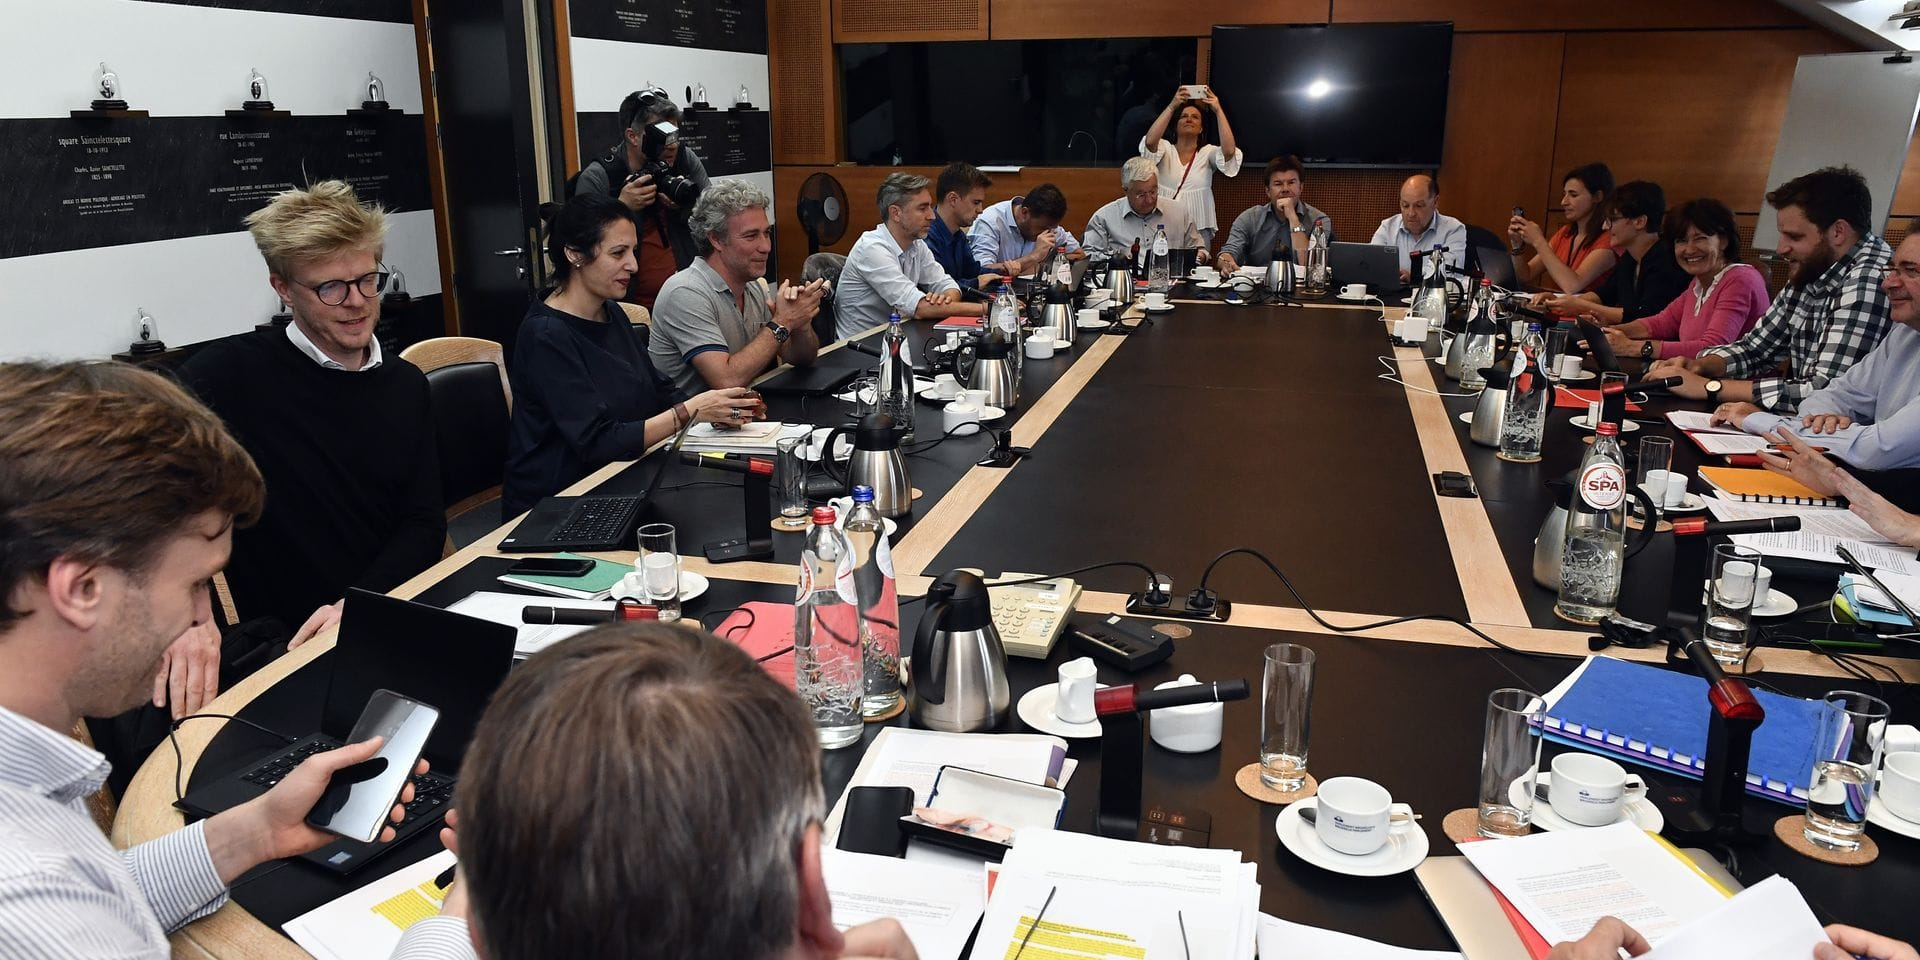 Édito: l'exercice peu convaincant autour de l'accord pour le prochain gouvernement bruxellois